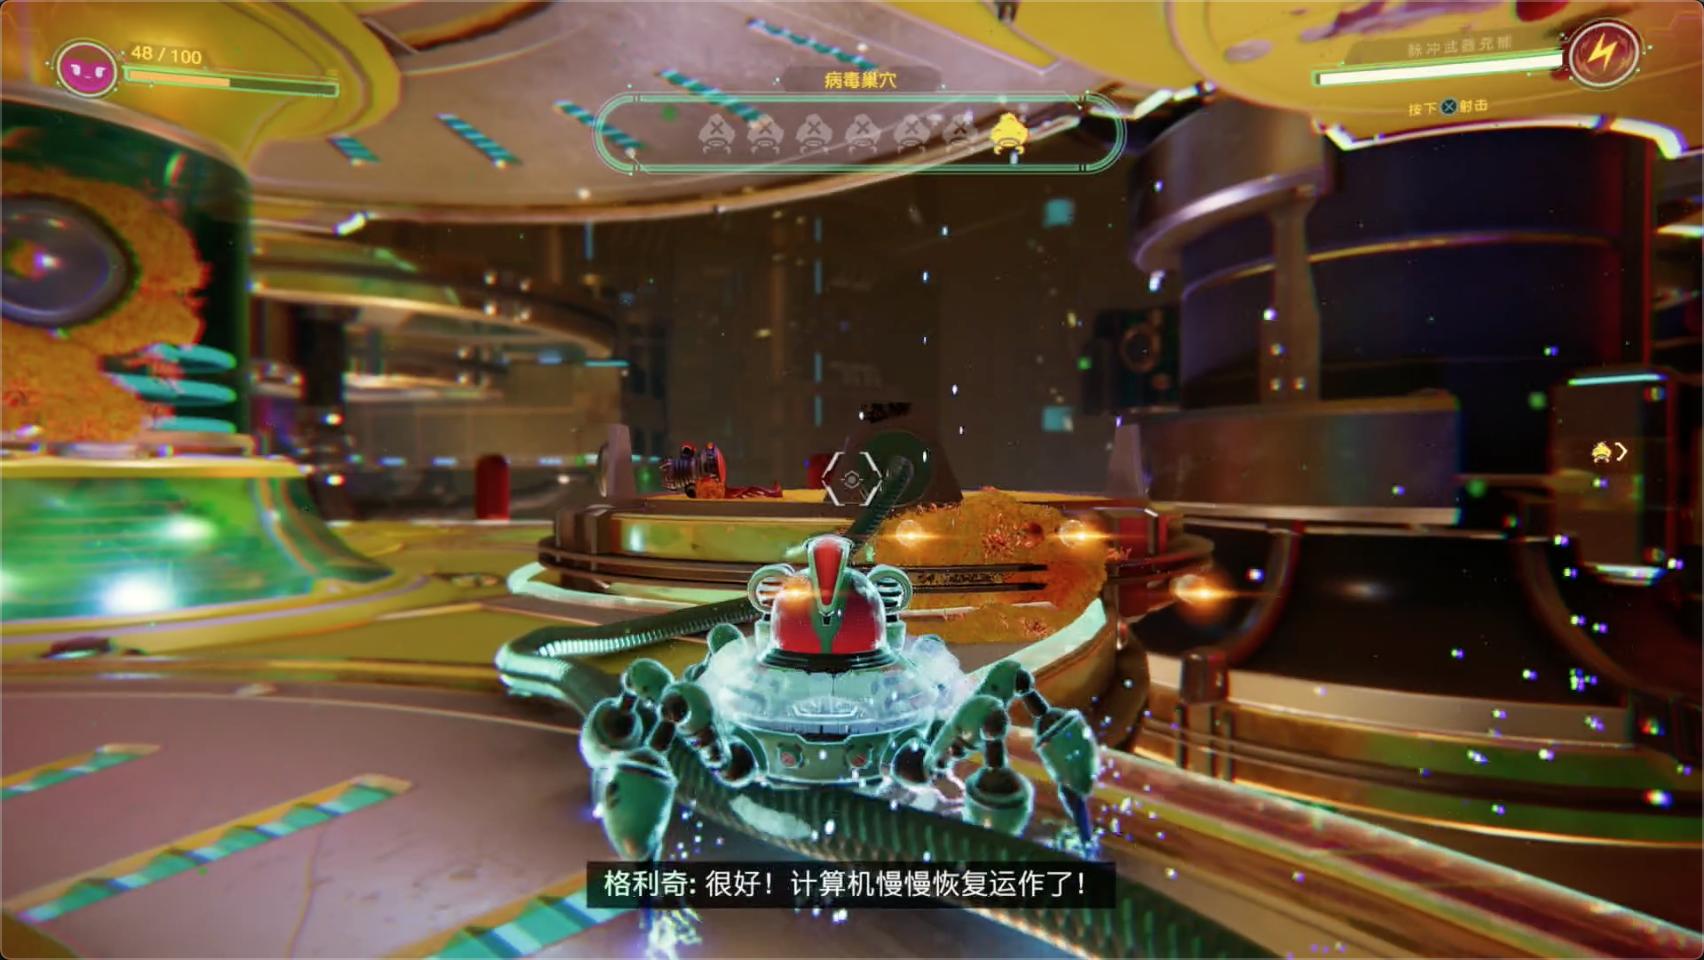 骇入电脑杀毒的过程也被设计成了射击为主的小游戏